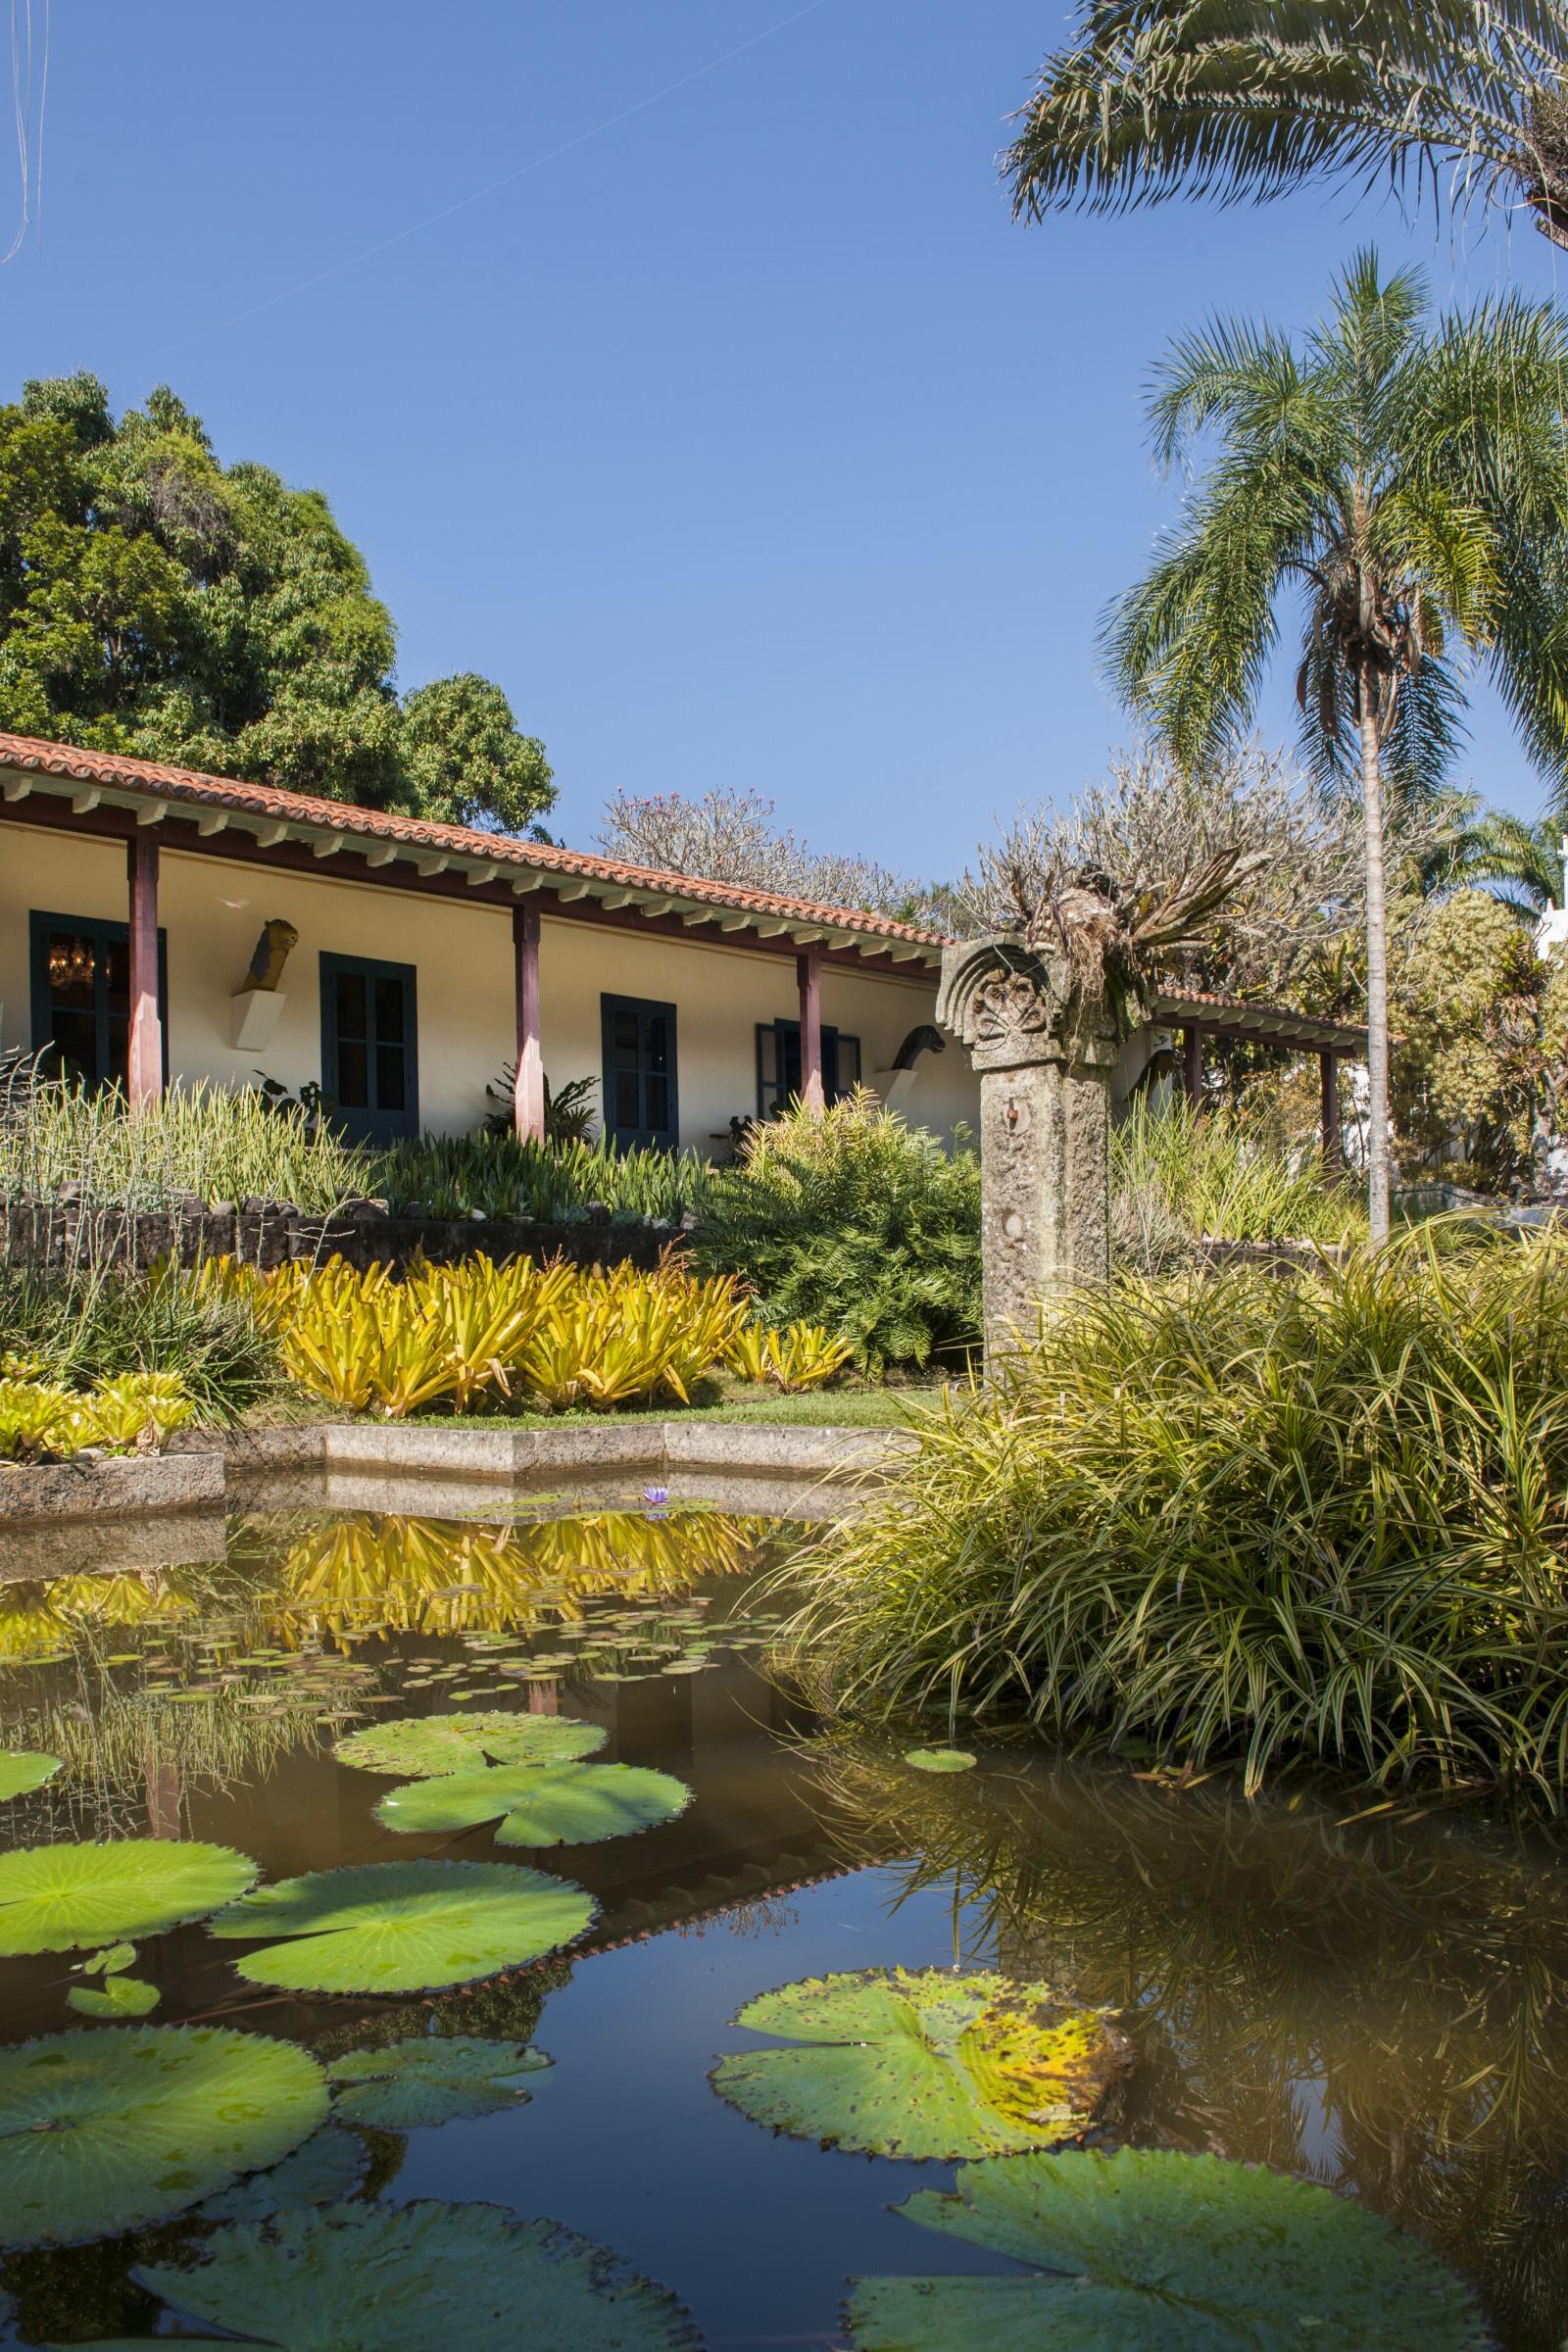 Sítio Burle Marx é reconhecido como Patrimônio da Humanidade pela Unesco